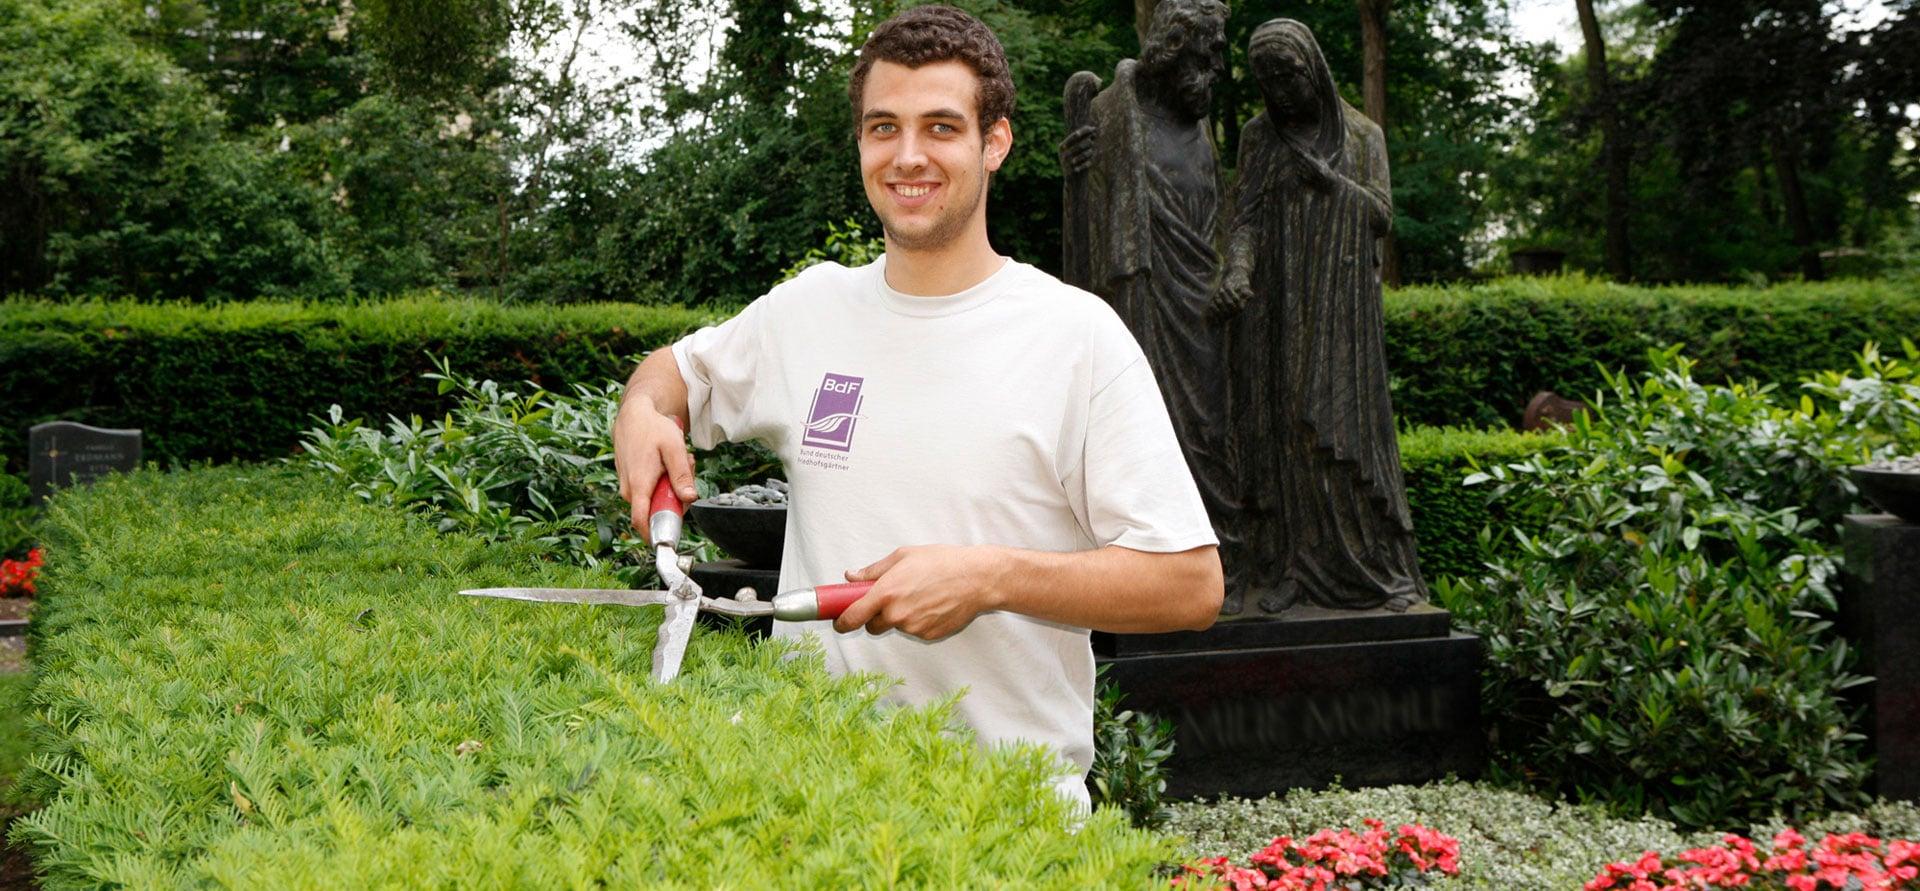 Ausbildung zum Friedhofsgärtner